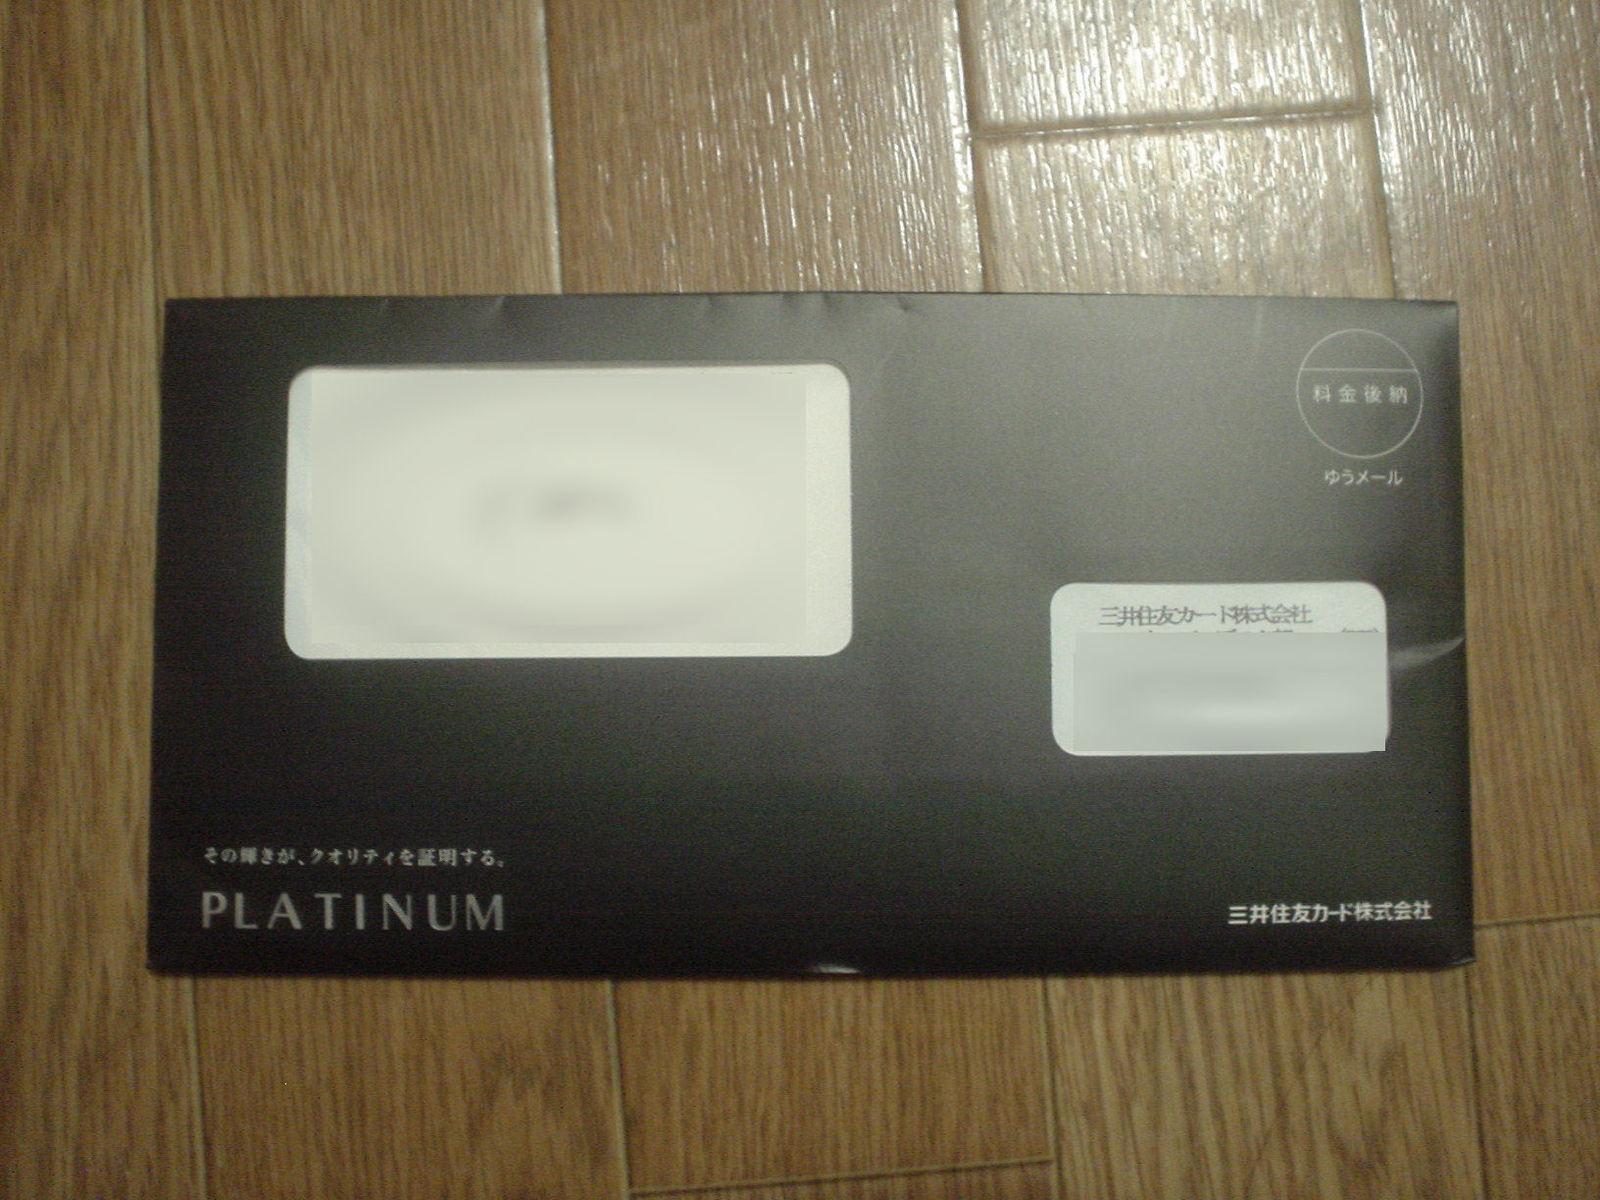 配達された黒い封筒